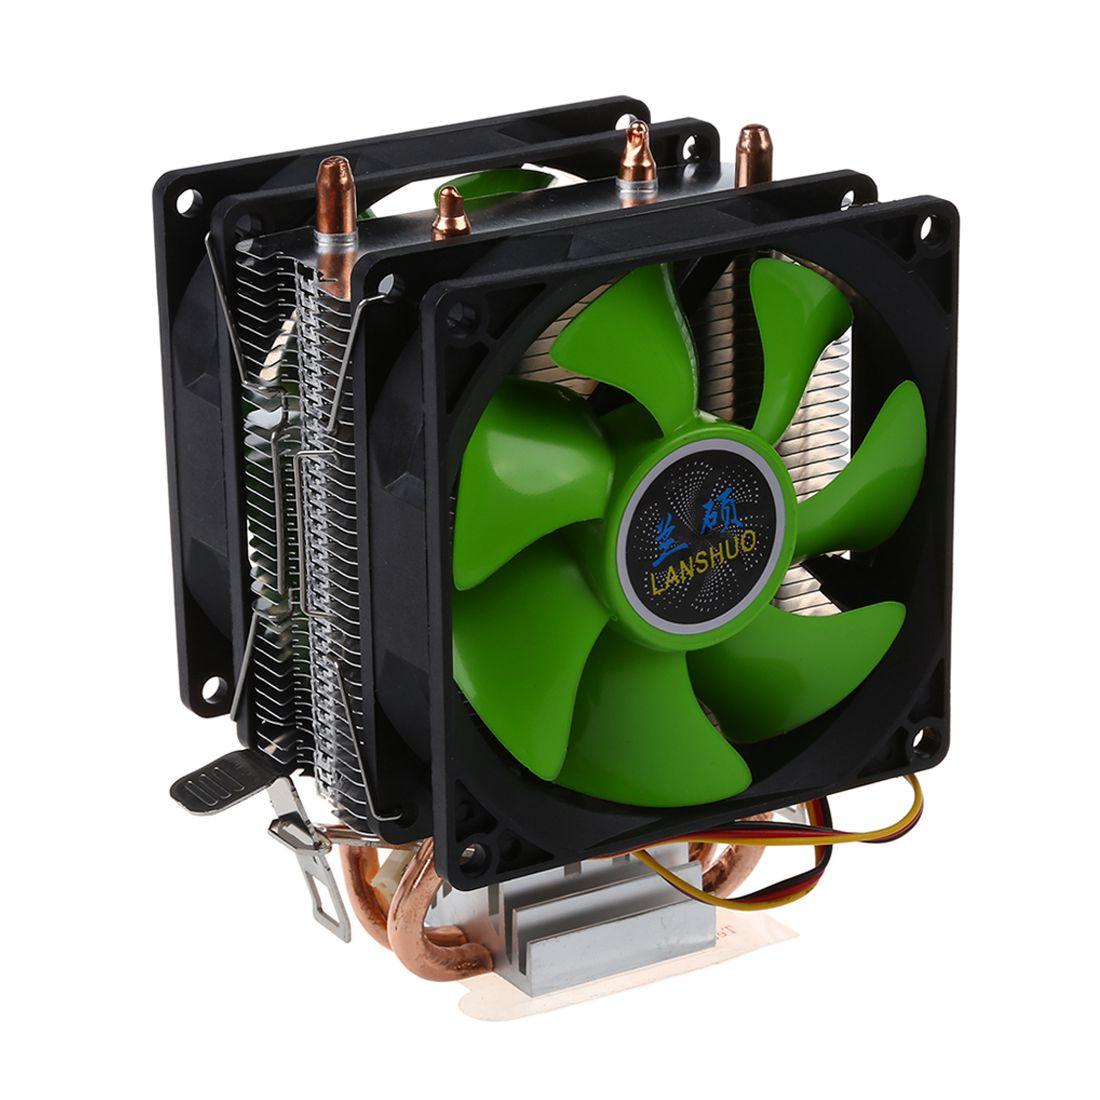 CPU Cooler Silent Fan For Intel LGA775 1156 1155 AMD AM2 AM2 AM3